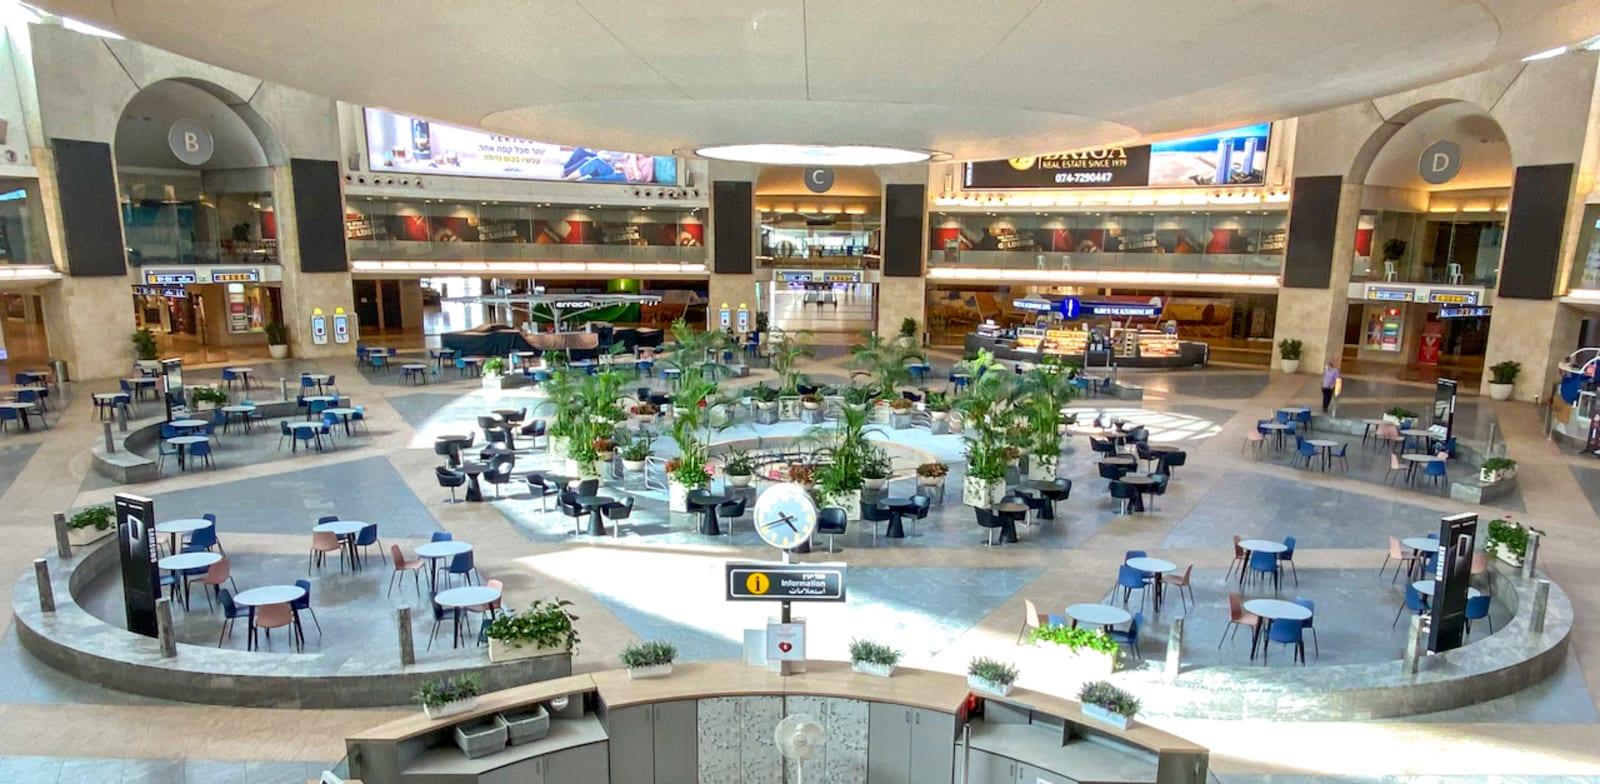 """שדה התעופה נתב""""ג ריק מנוסעים / צילום: יוסי פתאל"""